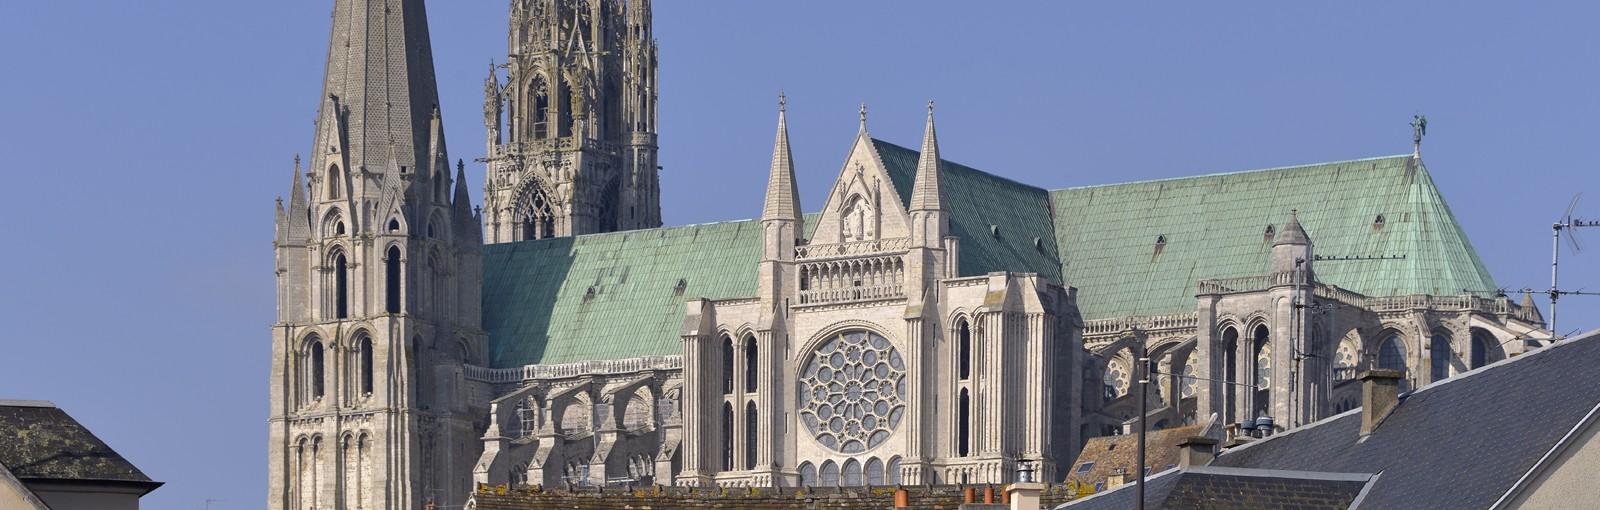 Tours Chartres - Medio-días - Excursiones desde París